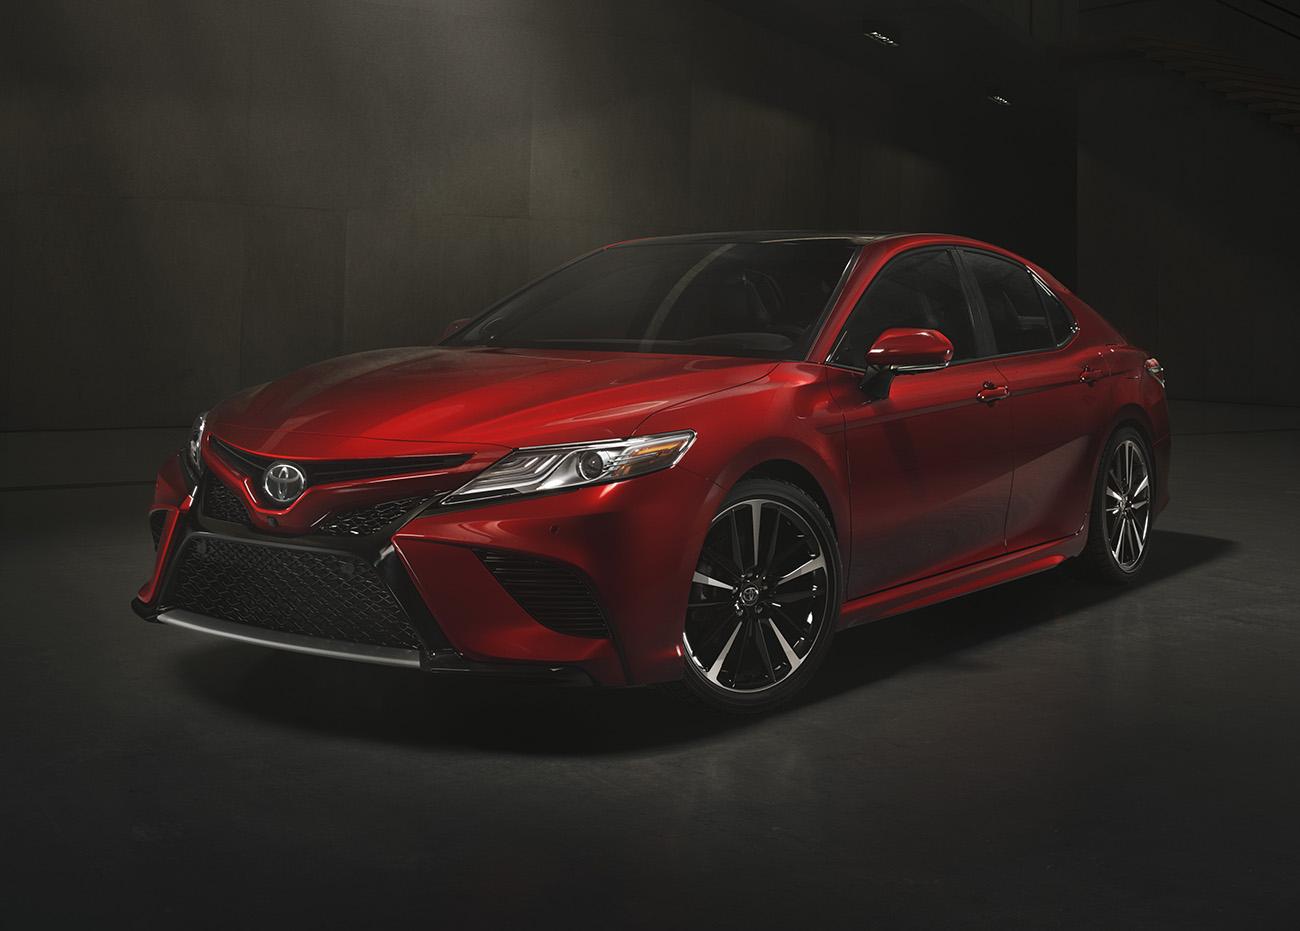 Versões com apelo esportivo são a arma da Toyota para atrair clientes mais jovens